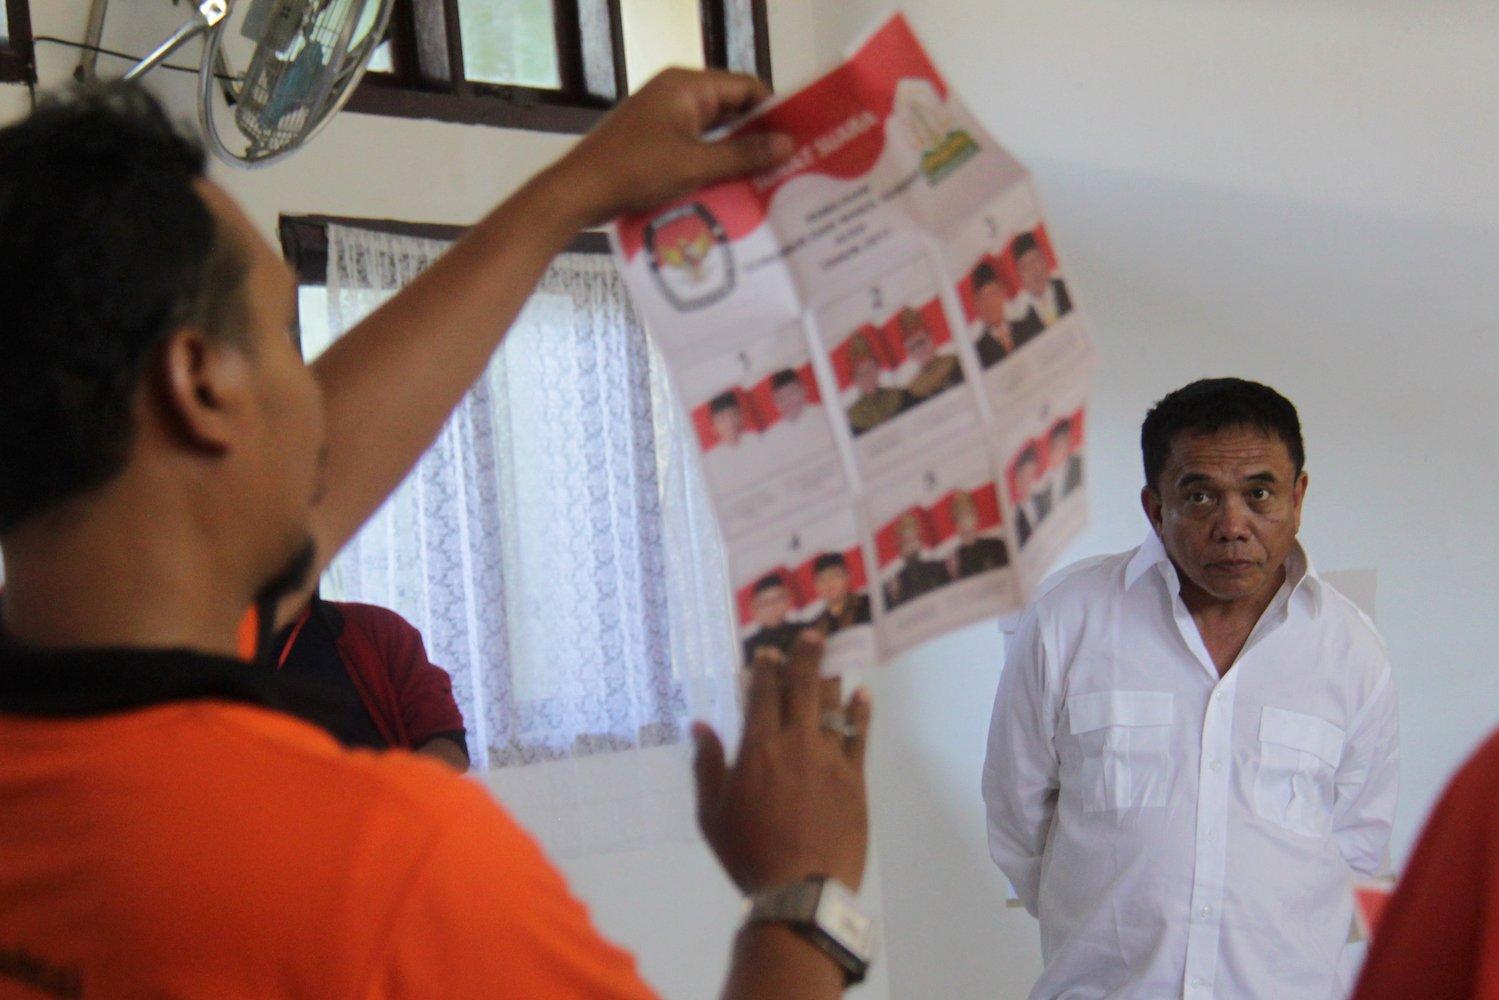 Calon Gubernur Aceh, Irwandi Yusuf (kanan) menyaksikan penghitungan perolehan surat suara hasil pilkada di TPS 2 dan TPS 3 kelurahan Lamprit, Banda Aceh, Kamis (15/2). Hasil penghitungan suara pilkada Aceh serentak di TPS 3, Cagub Aceh Irwandi Yusuf menang mutlak sedangkan di TPS 2 kalah tipis dari cagub nomor urut i Tarmizi Karim.